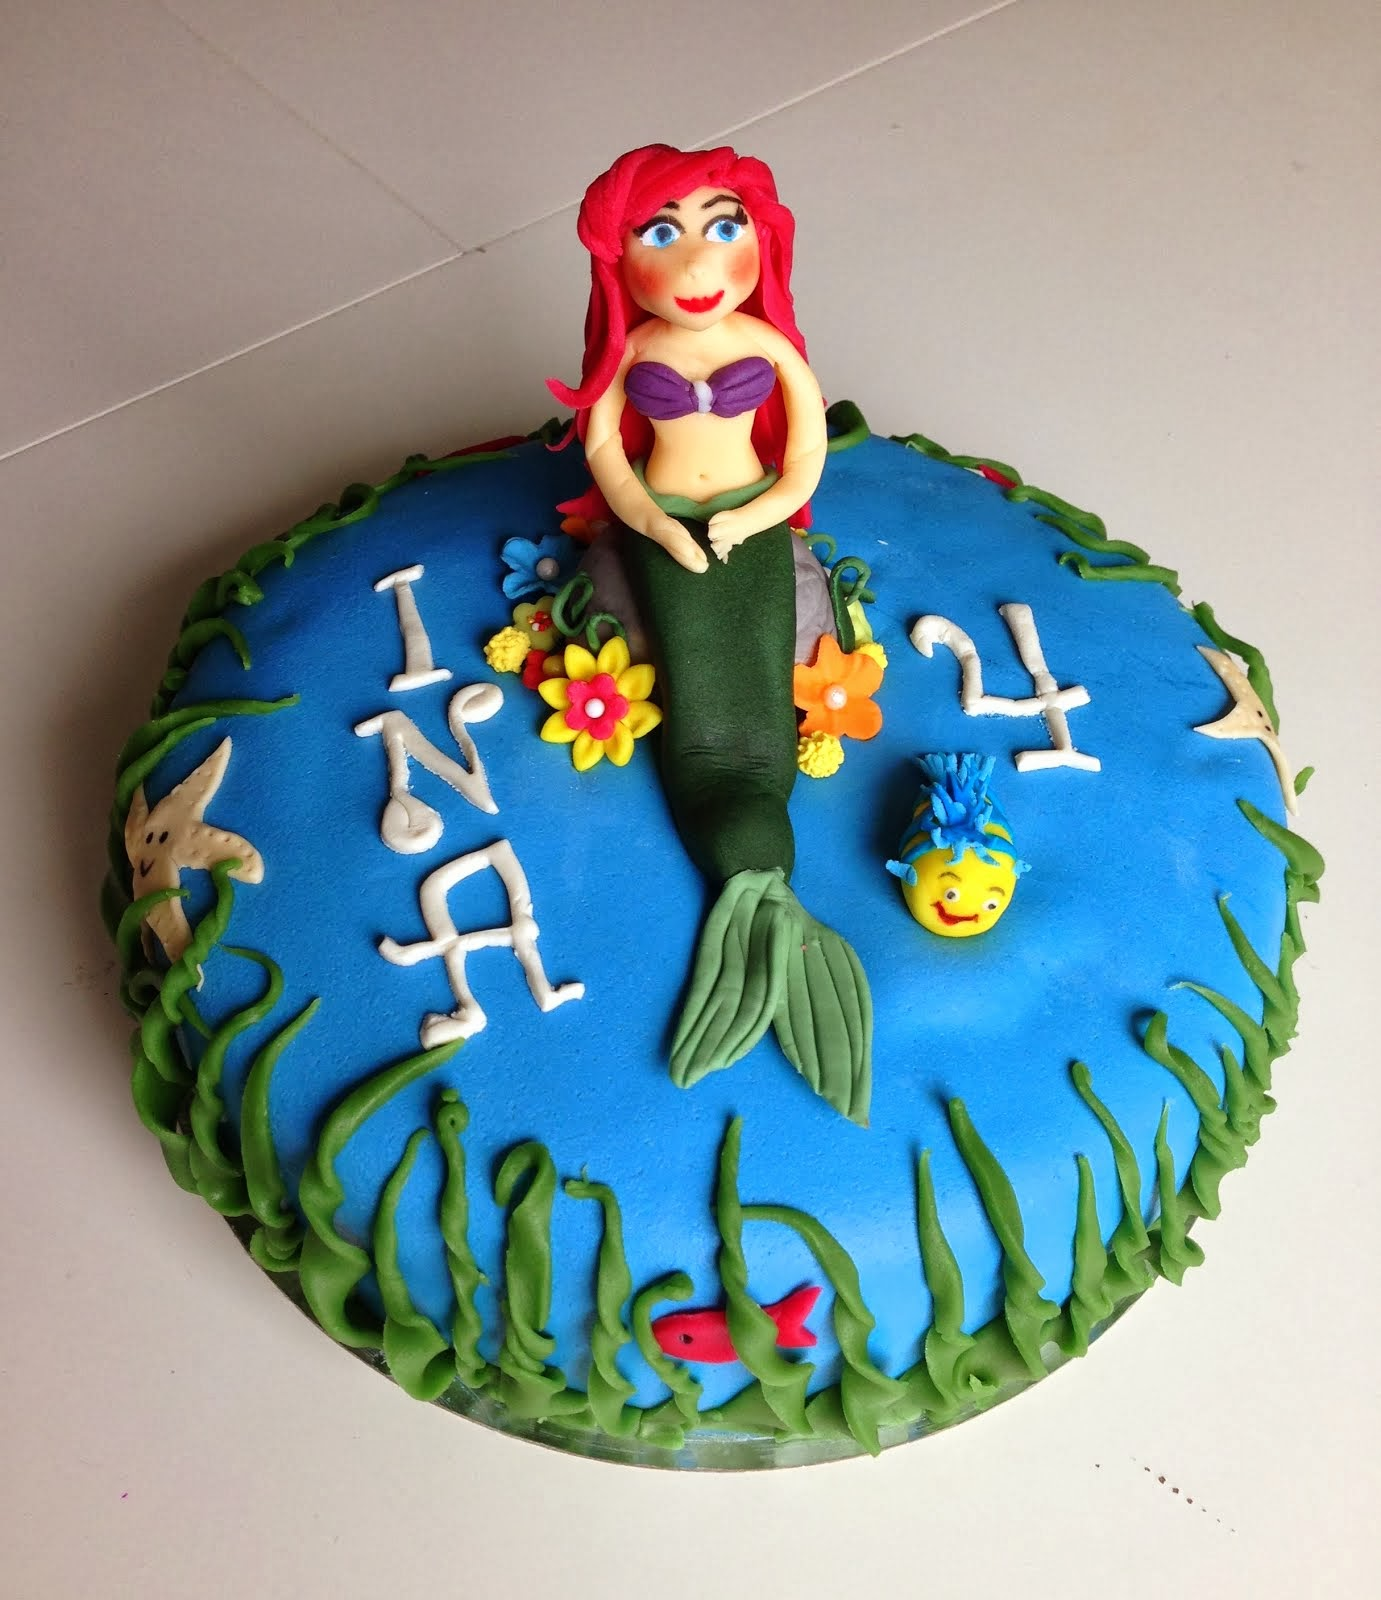 Lilla sjöjungfrun Ariel